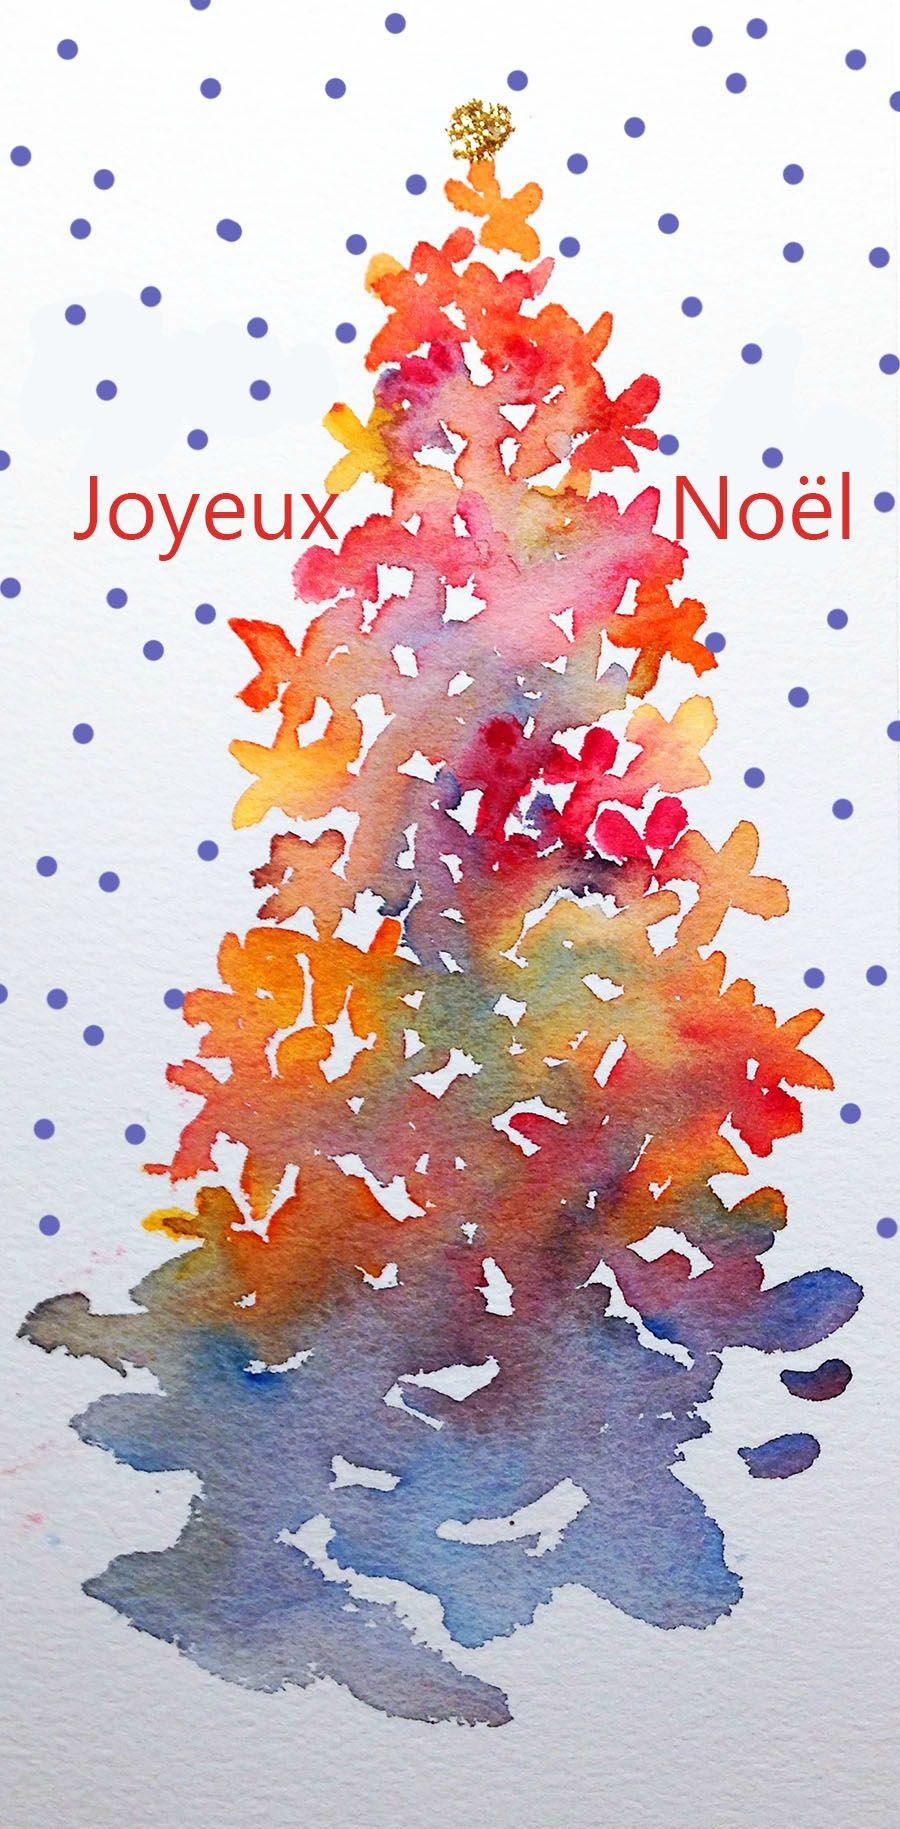 Noel2016 Cartes Aquarelle De Noel Aquarelle Noel Peintures De Noel